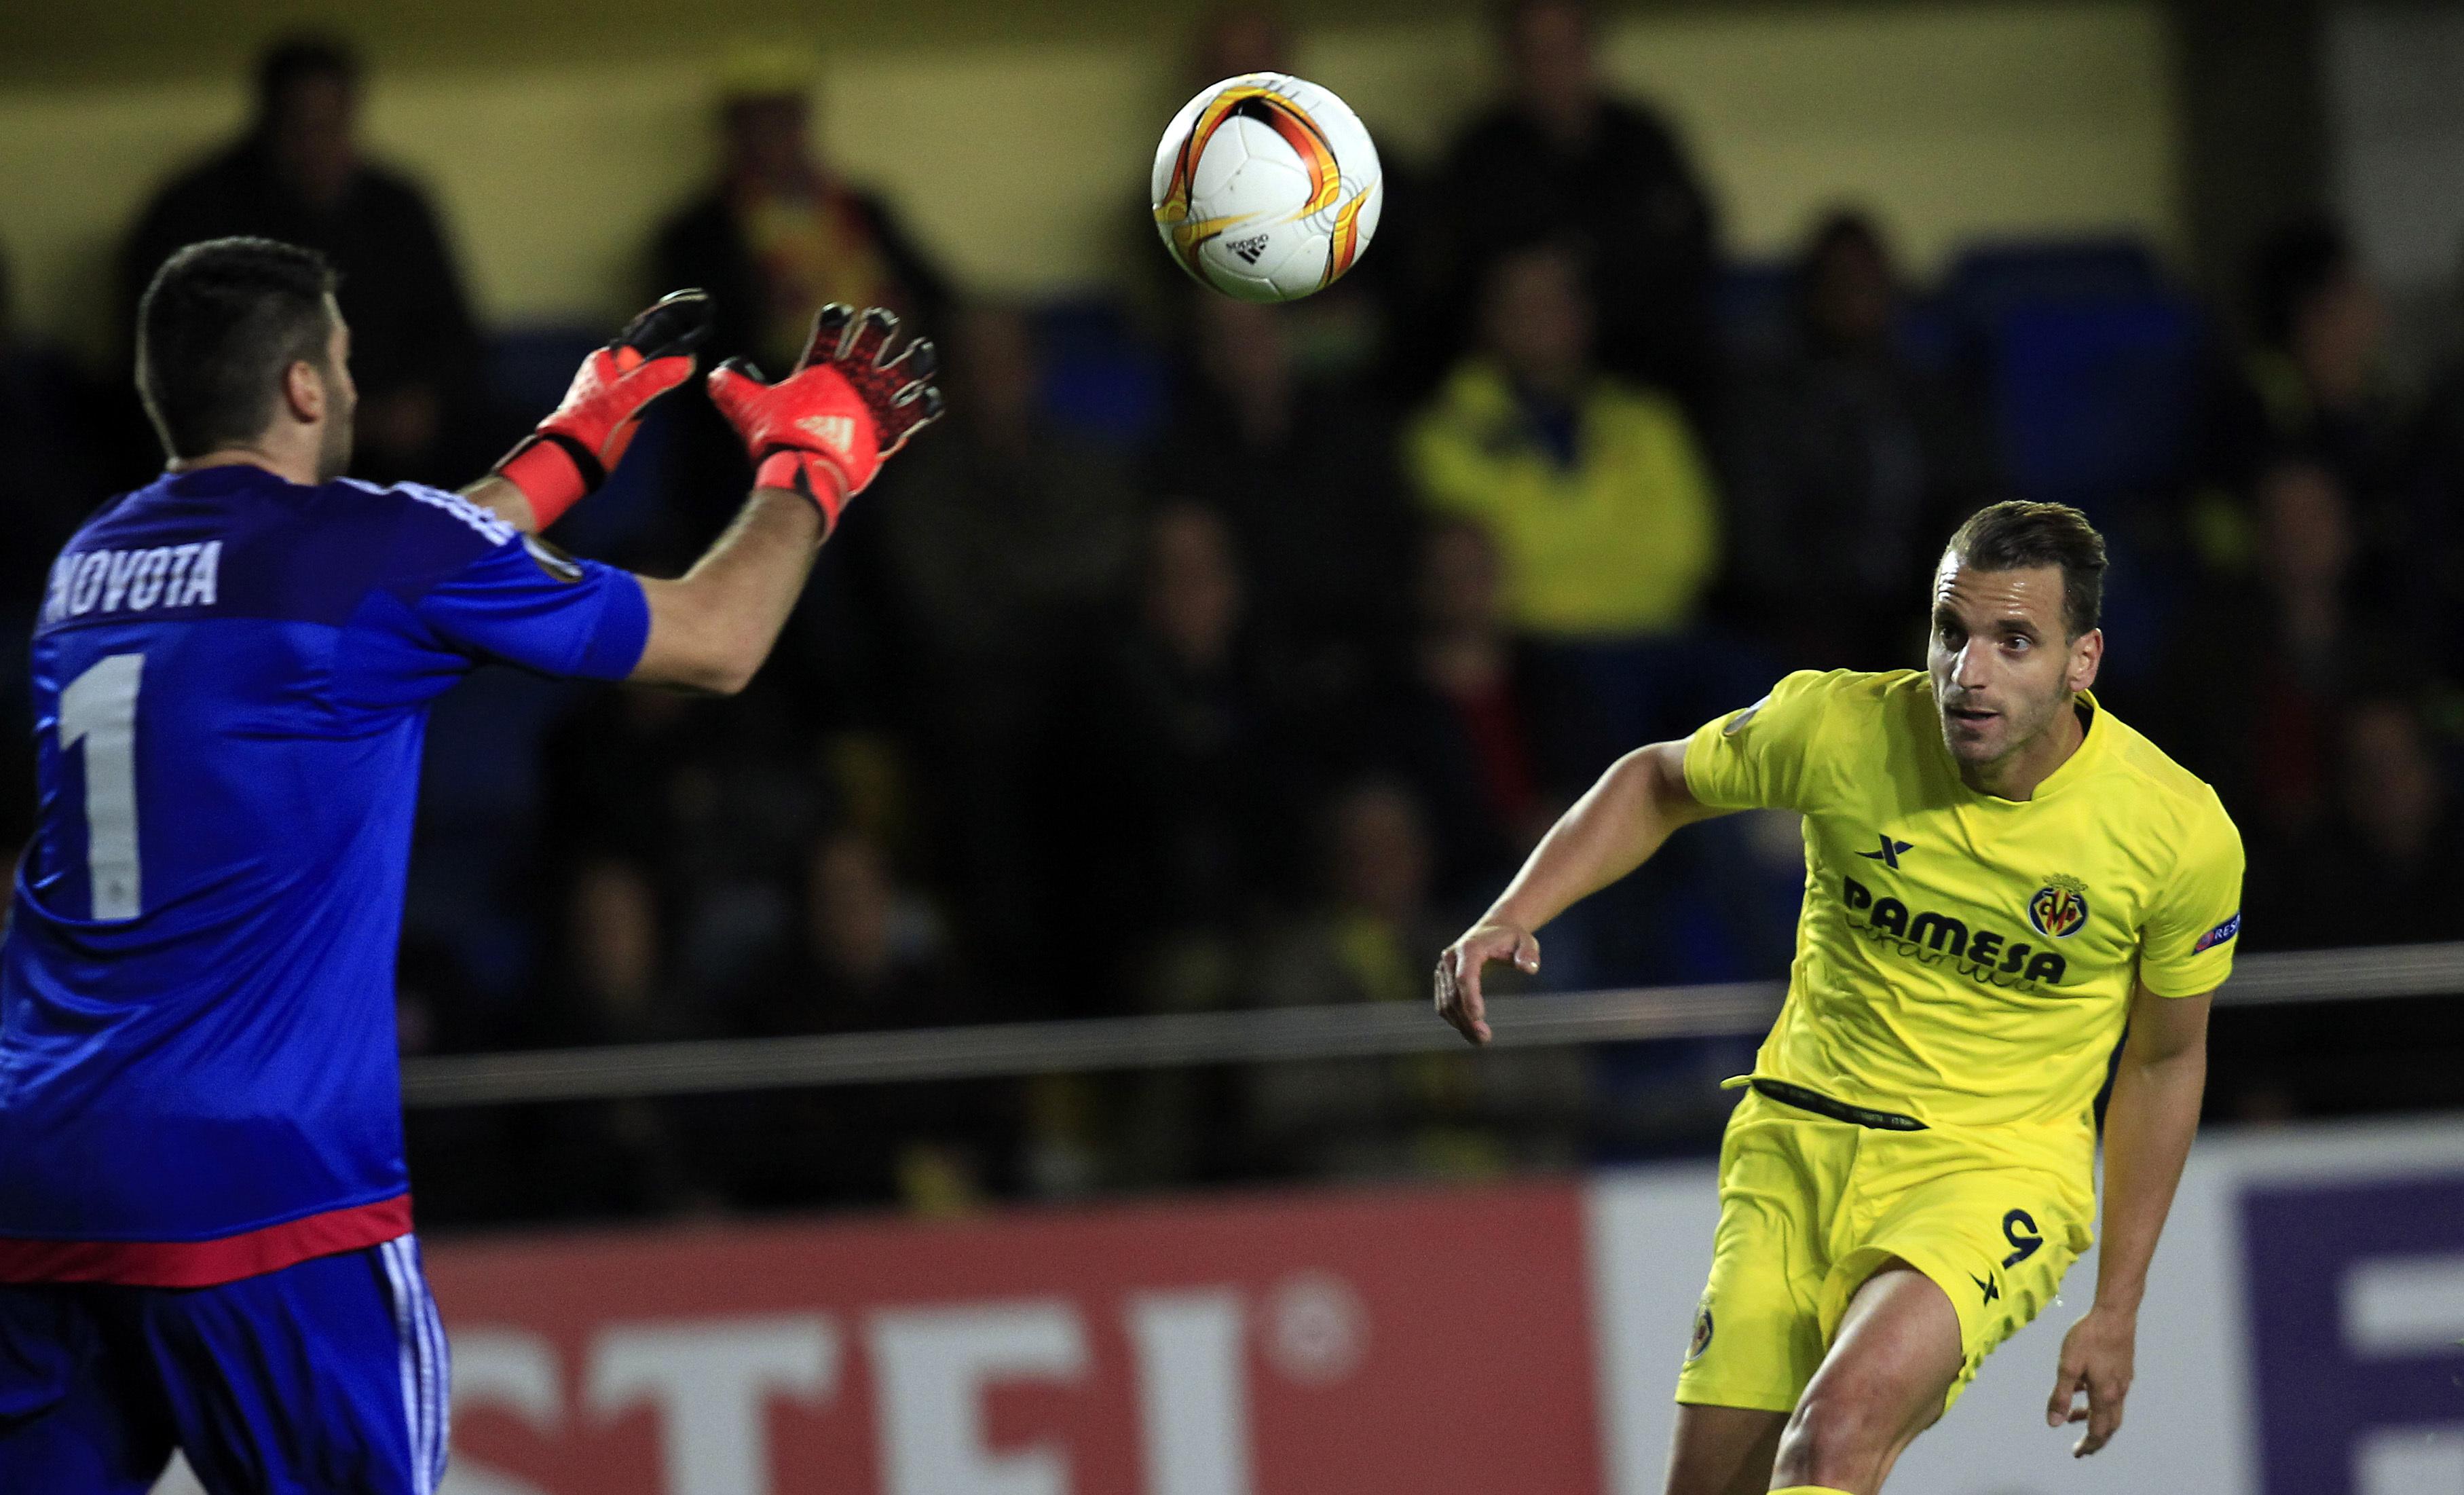 spain_soccer_europa_league-517fea19779b4_r3495.jpeg